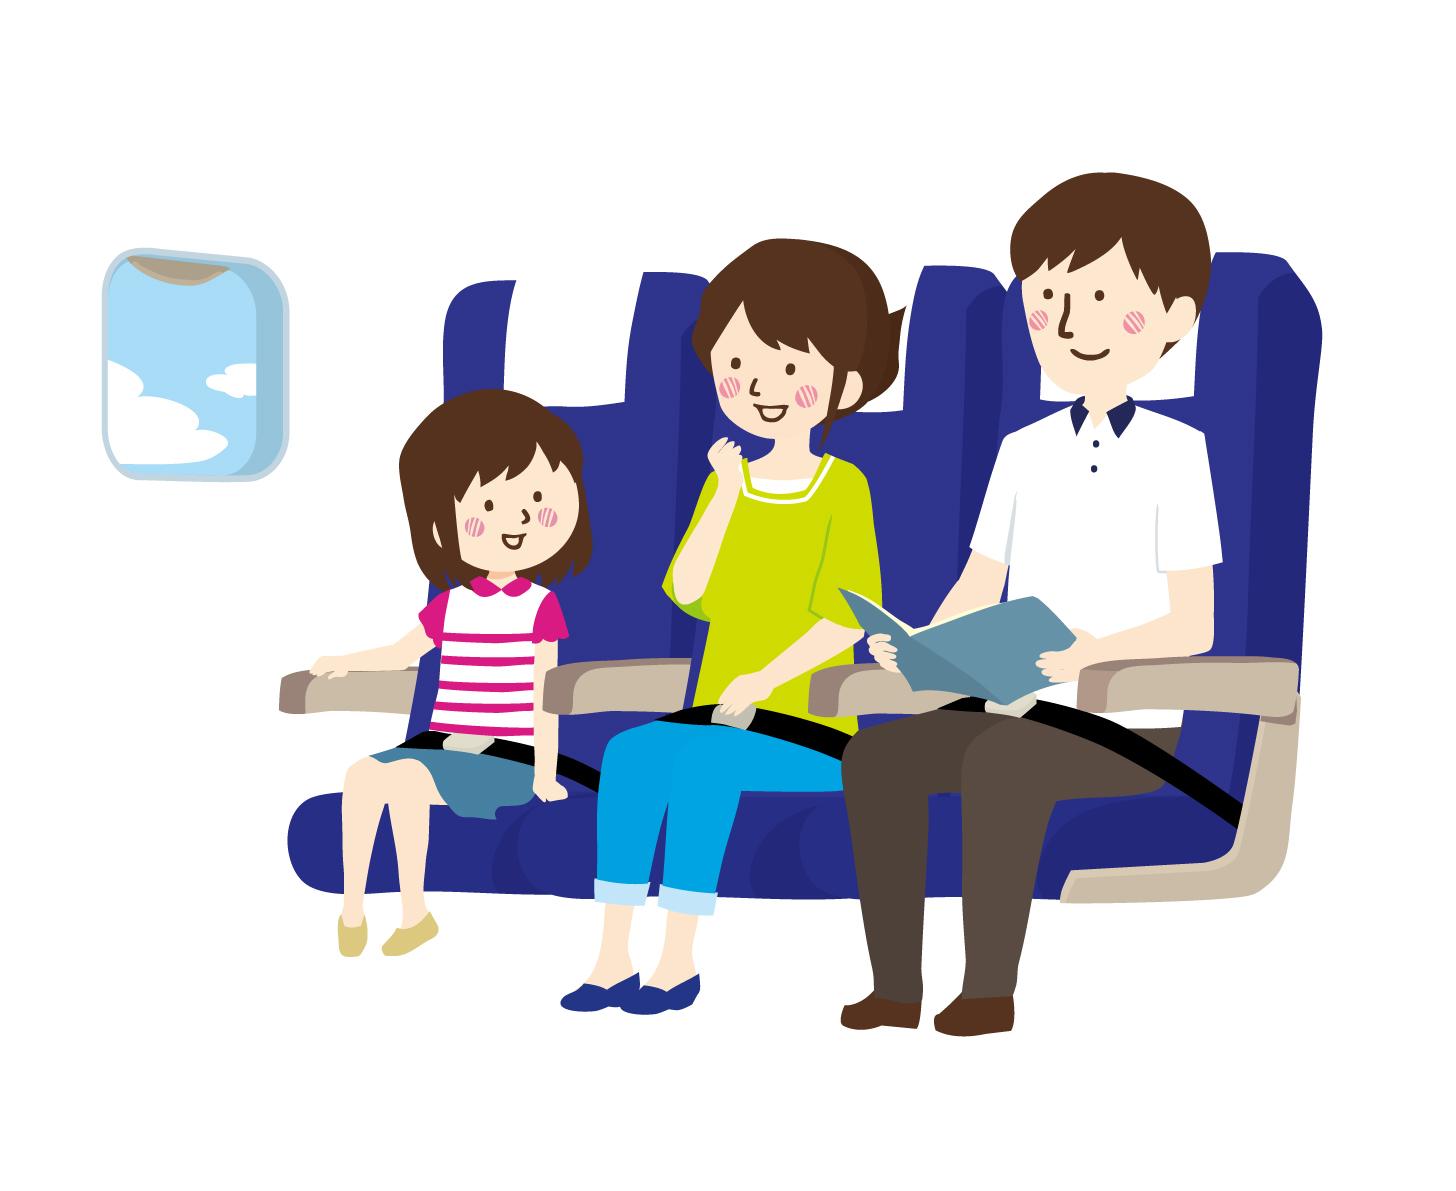 【ワインの機内持ち込み】国際線&国内線の飛行機に持ち込める!?徹底解説!